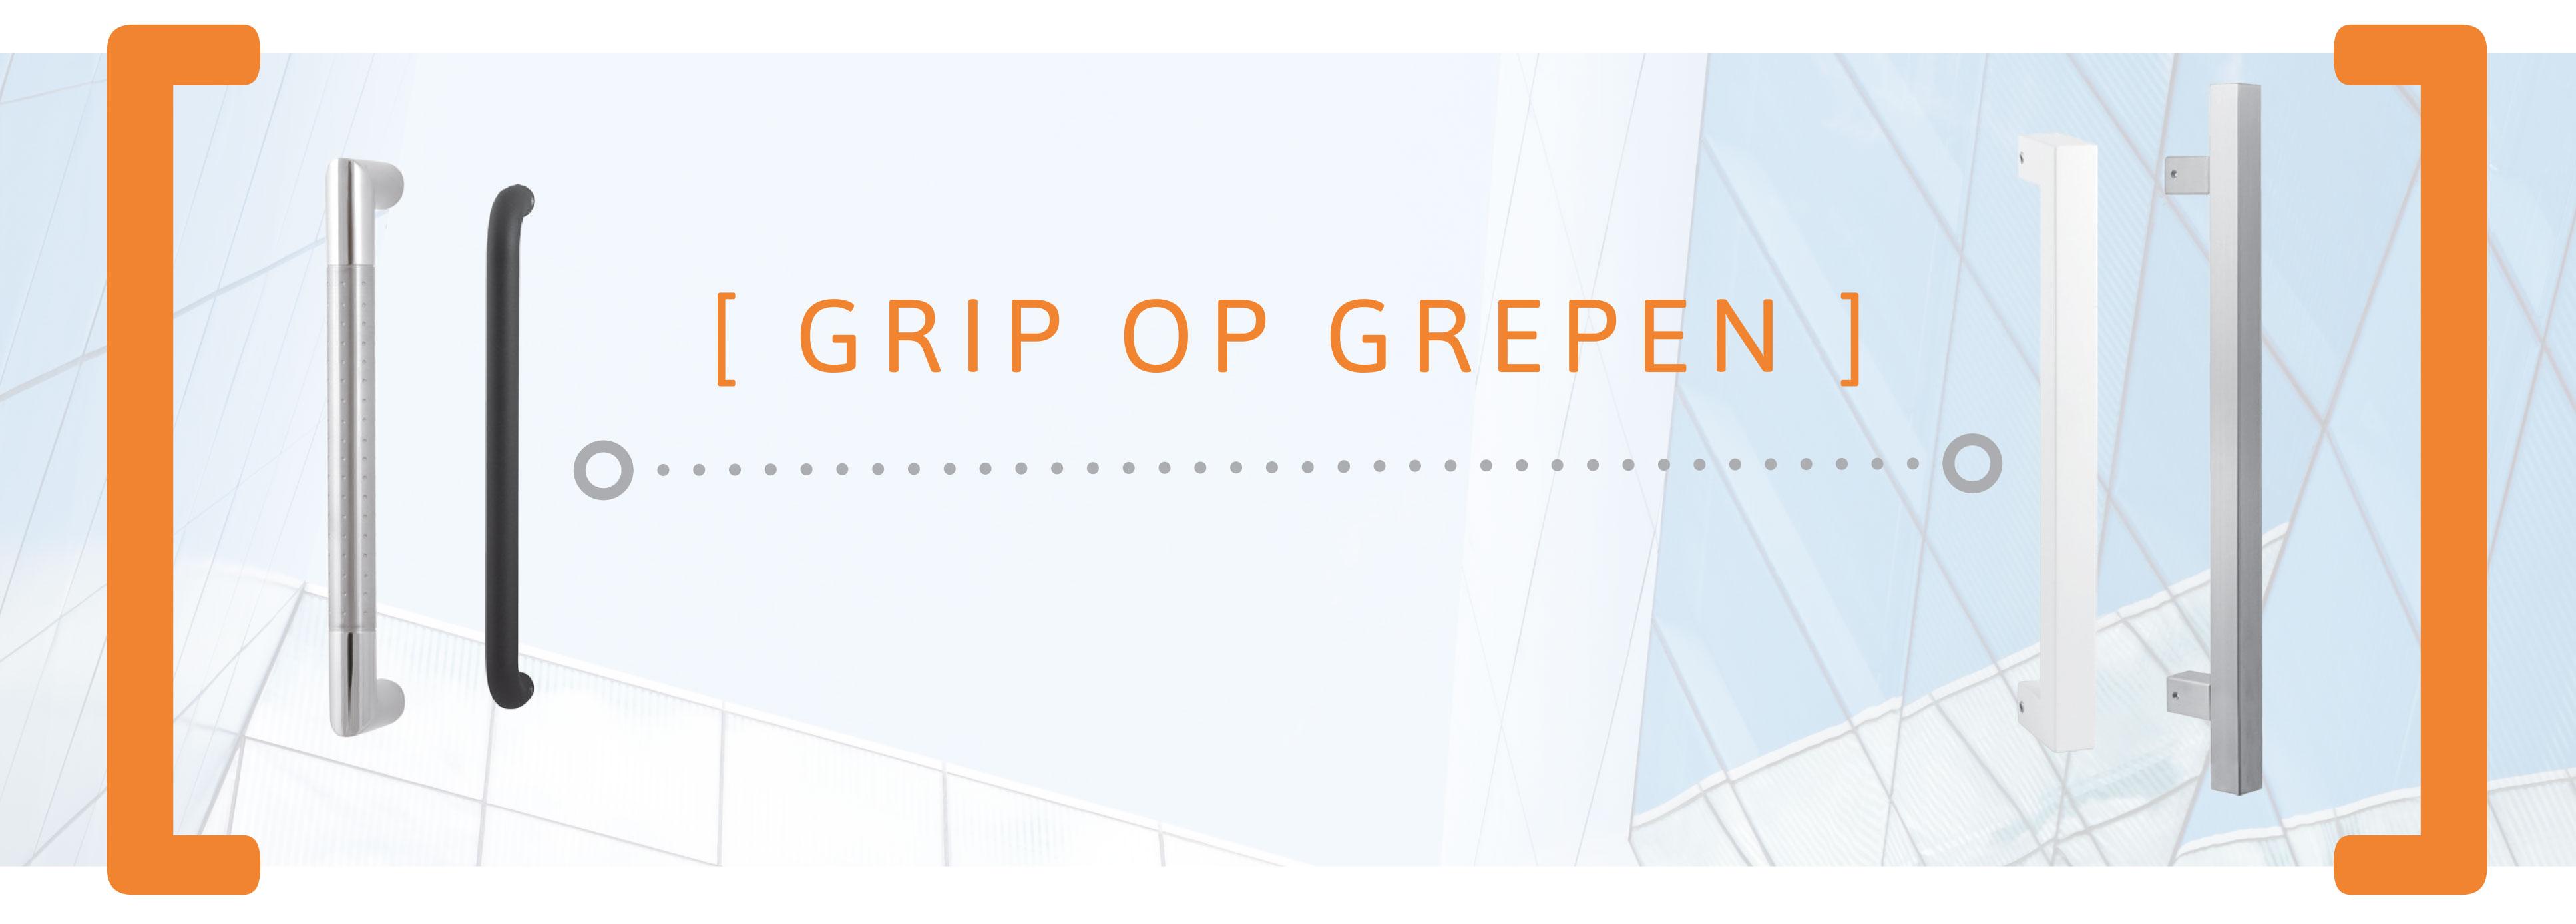 GPF deurgrepen: grip op grepen